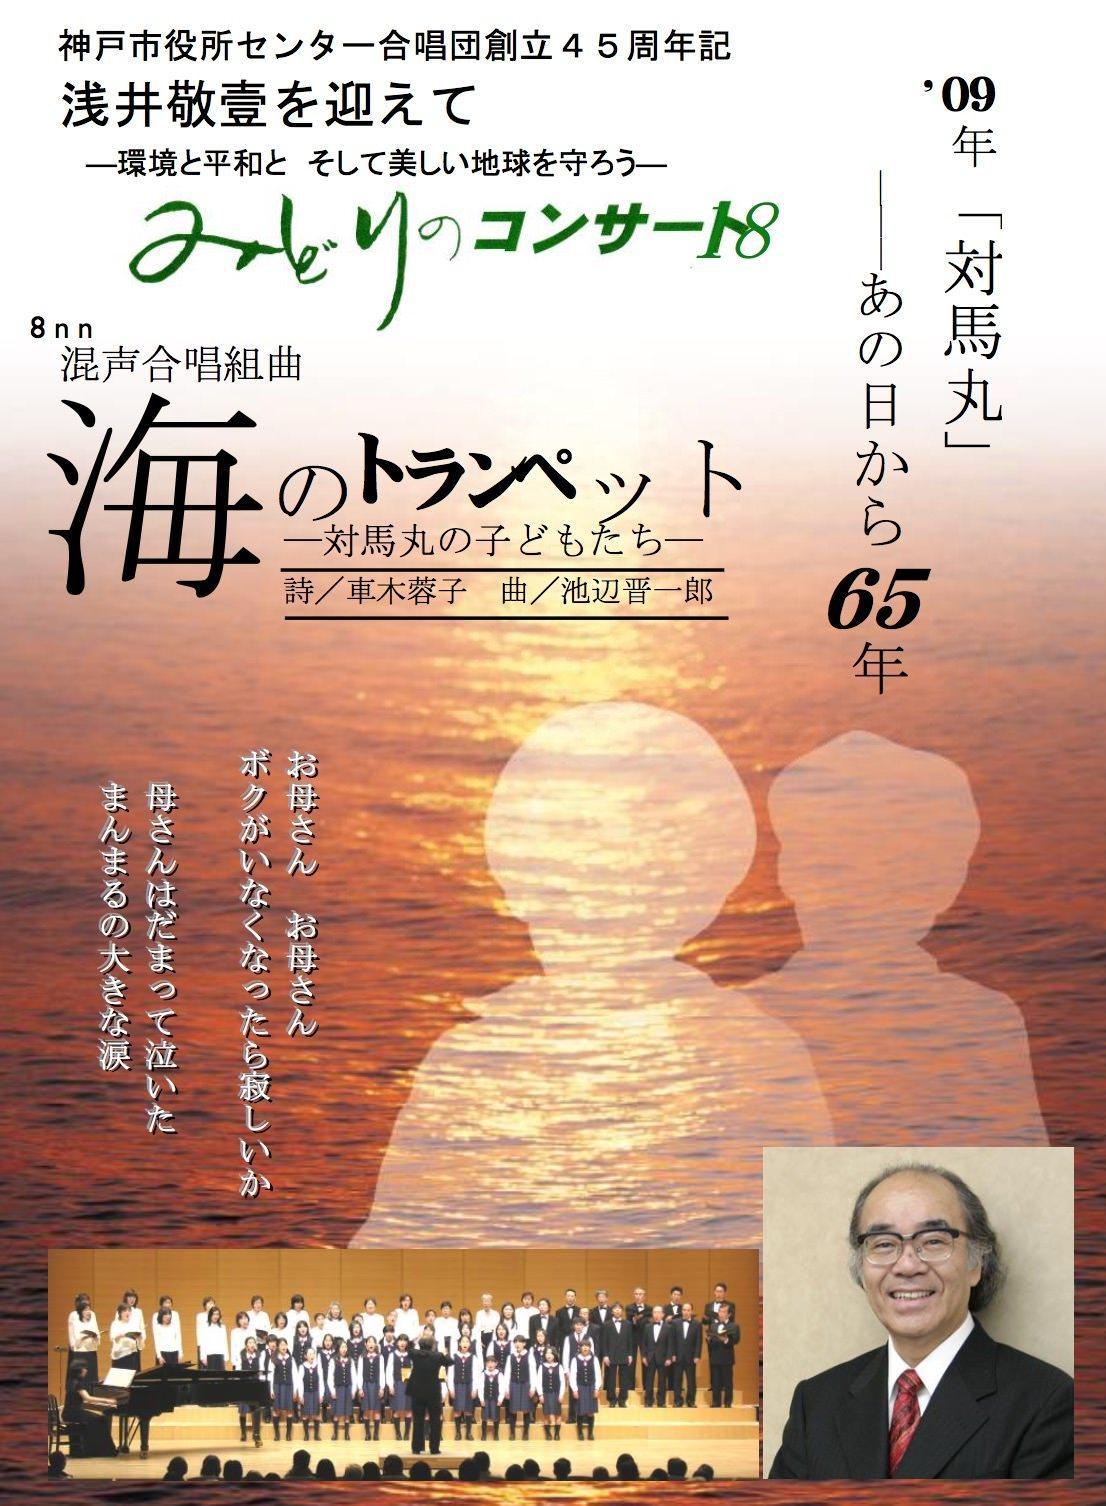 みどりのコンサート18 混声合唱組曲「海のトランペット」(DVD)